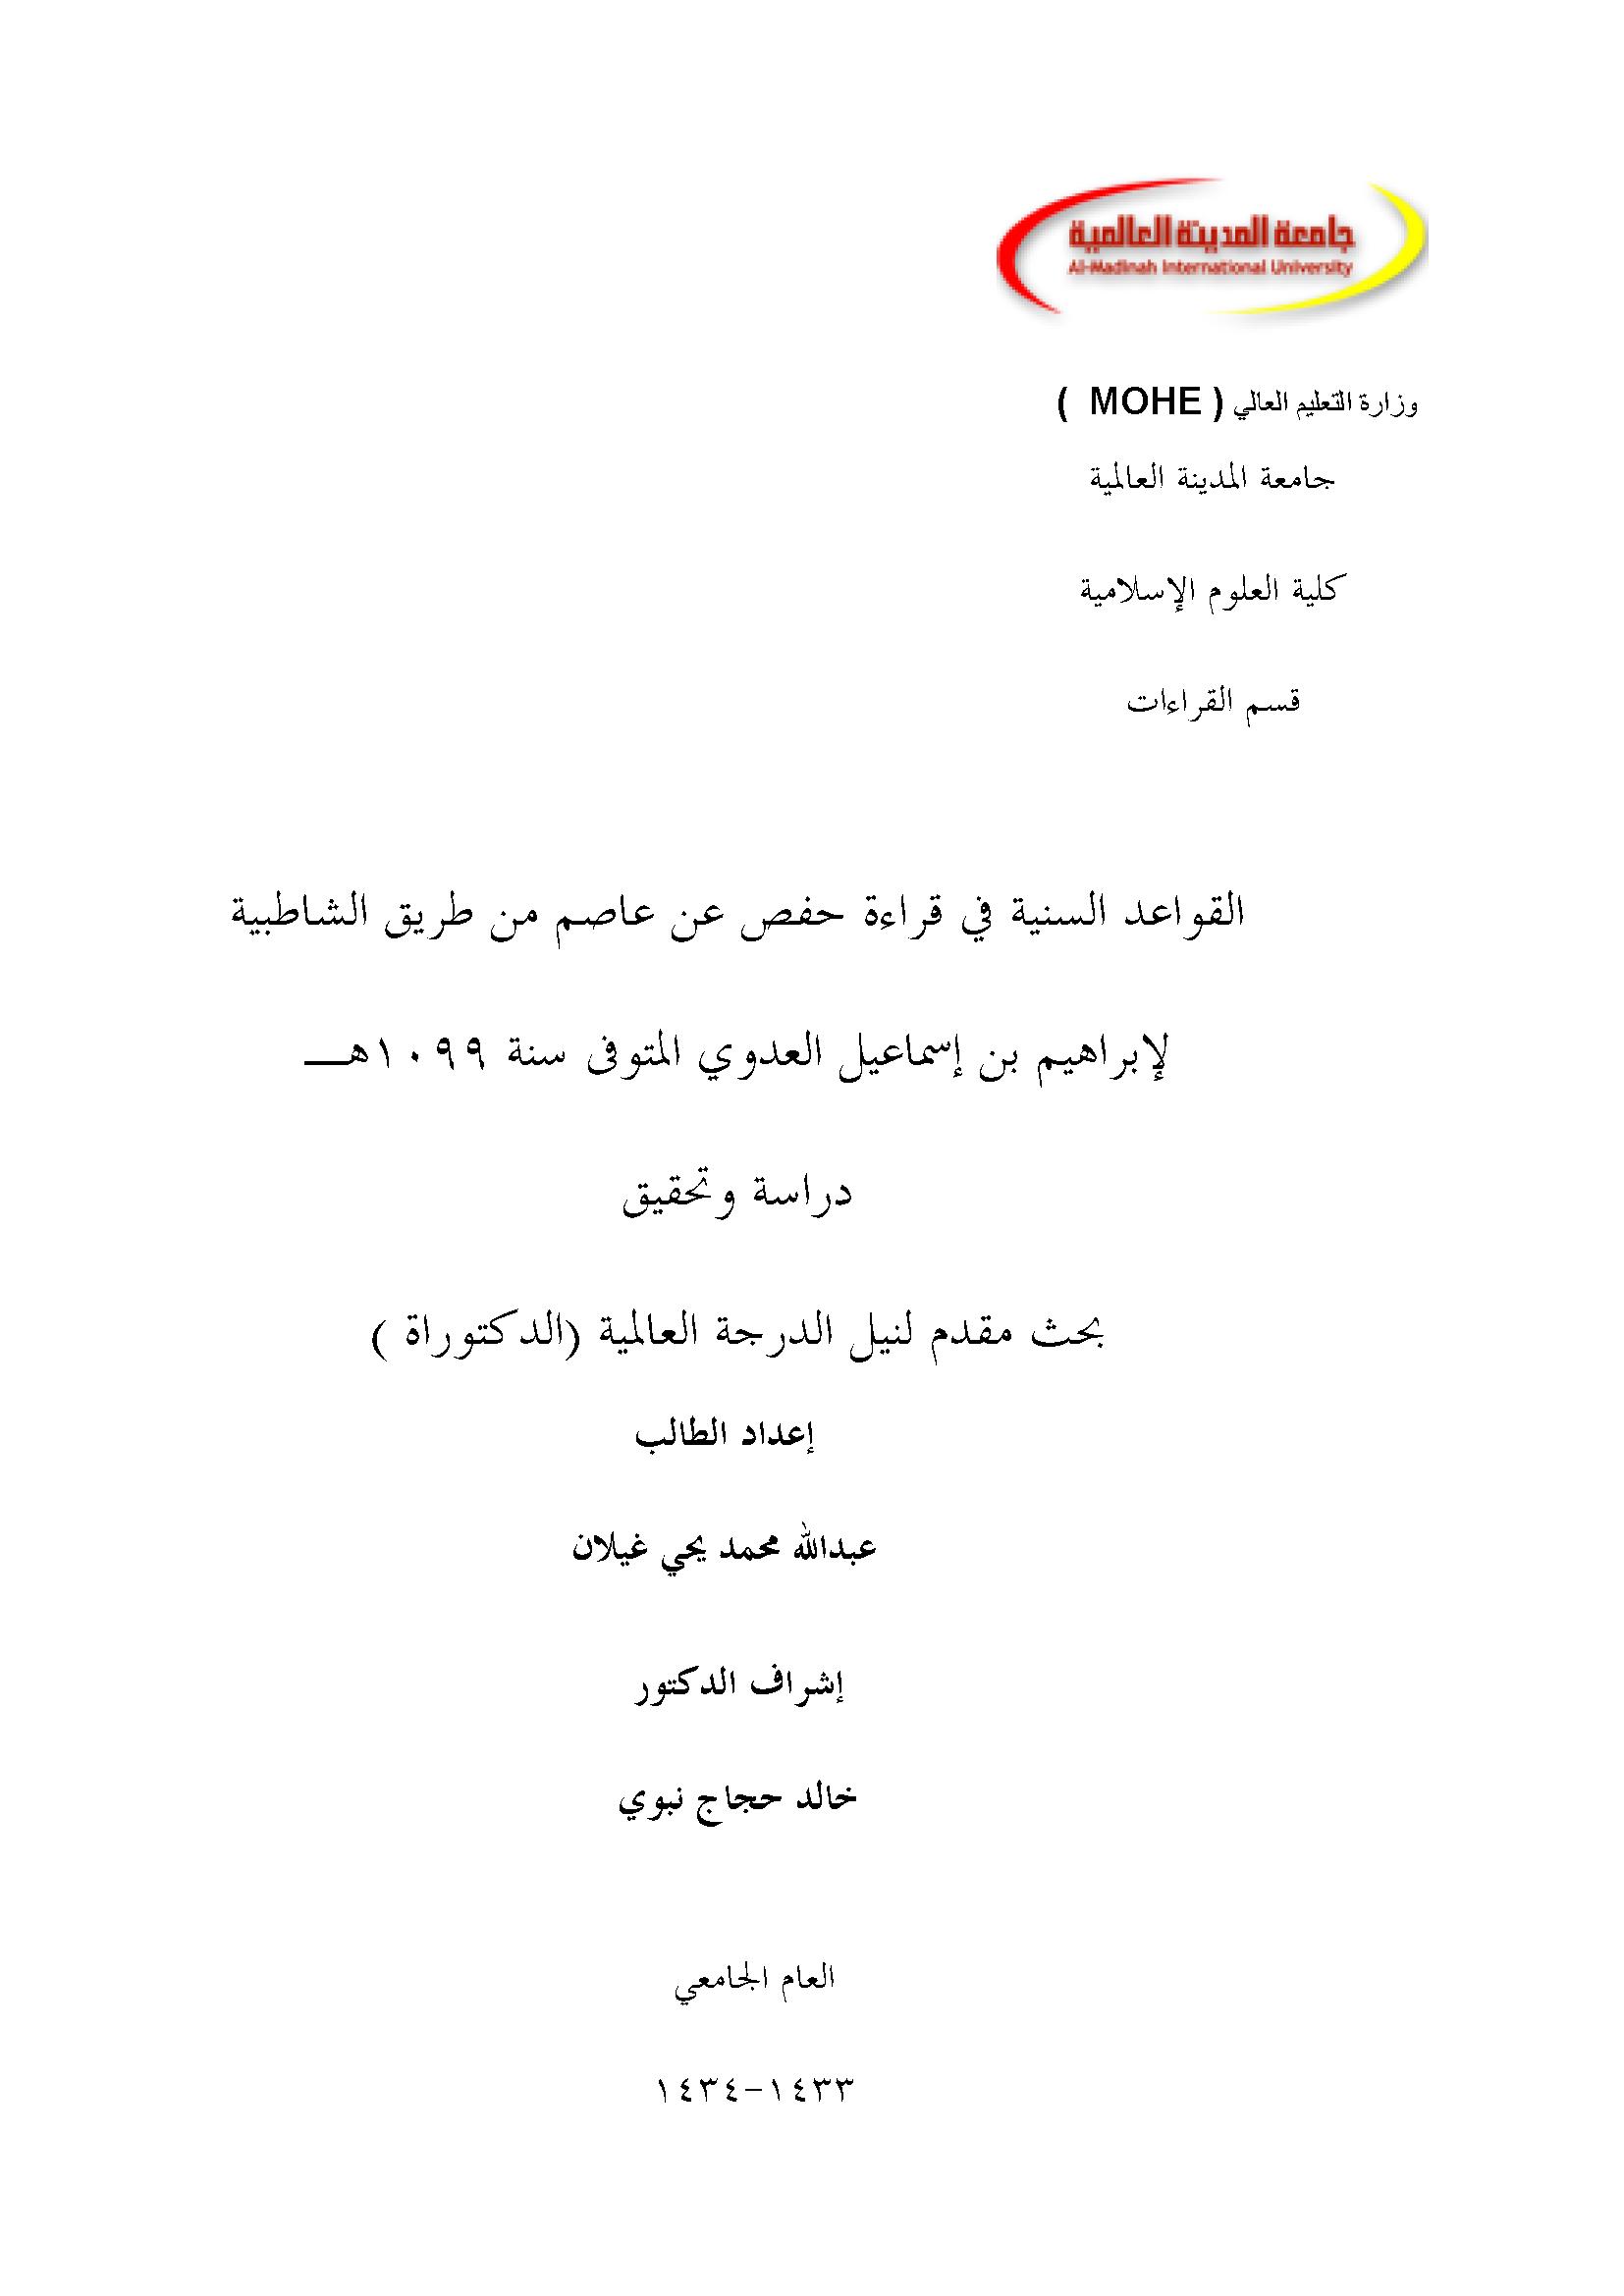 تحميل كتاب القواعد السنية في قراءة حفص عن عاصم من طريق الشاطبية لـِ: الإمام إبراهيم بن إسماعيل بن محمود العدوي (ت 1099)